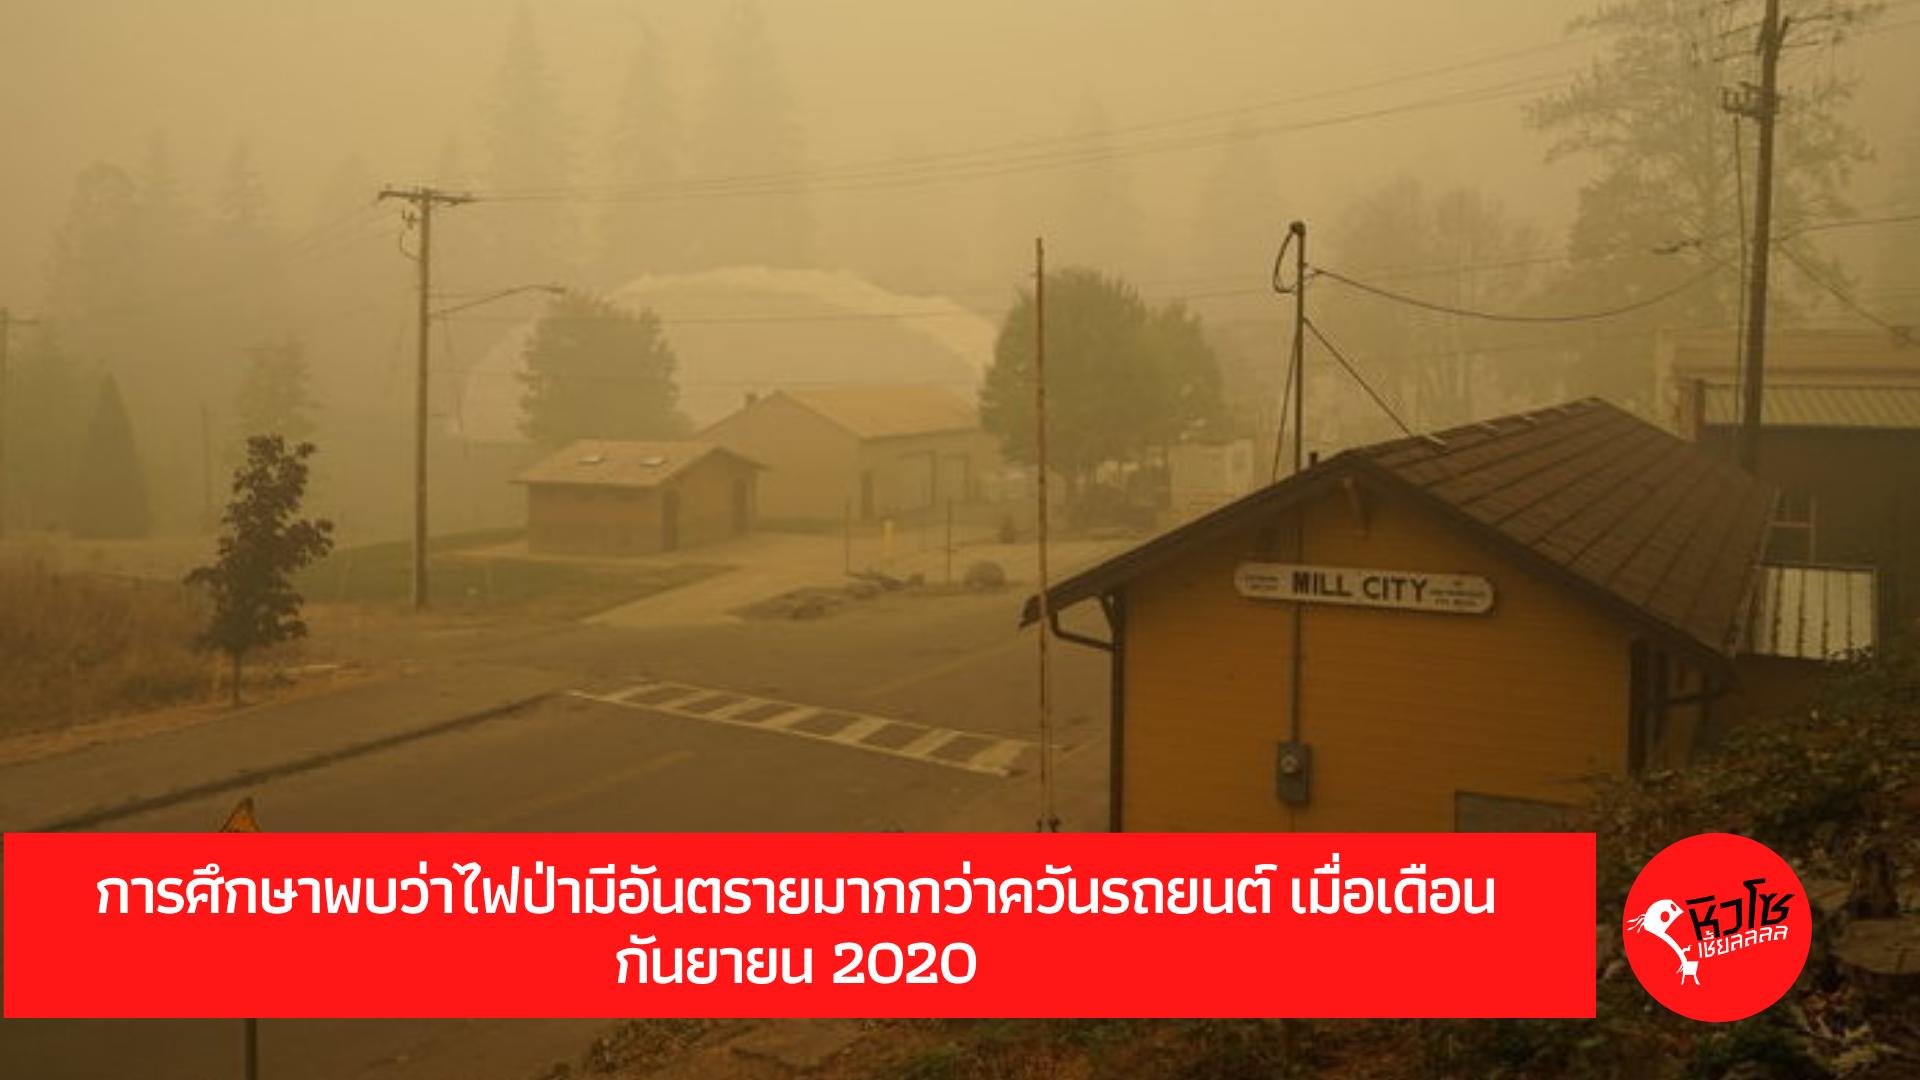 การศึกษาพบว่าไฟป่ามีอันตรายมากกว่าควันรถยนต์ เมื่อเดือนกันยายน 2020